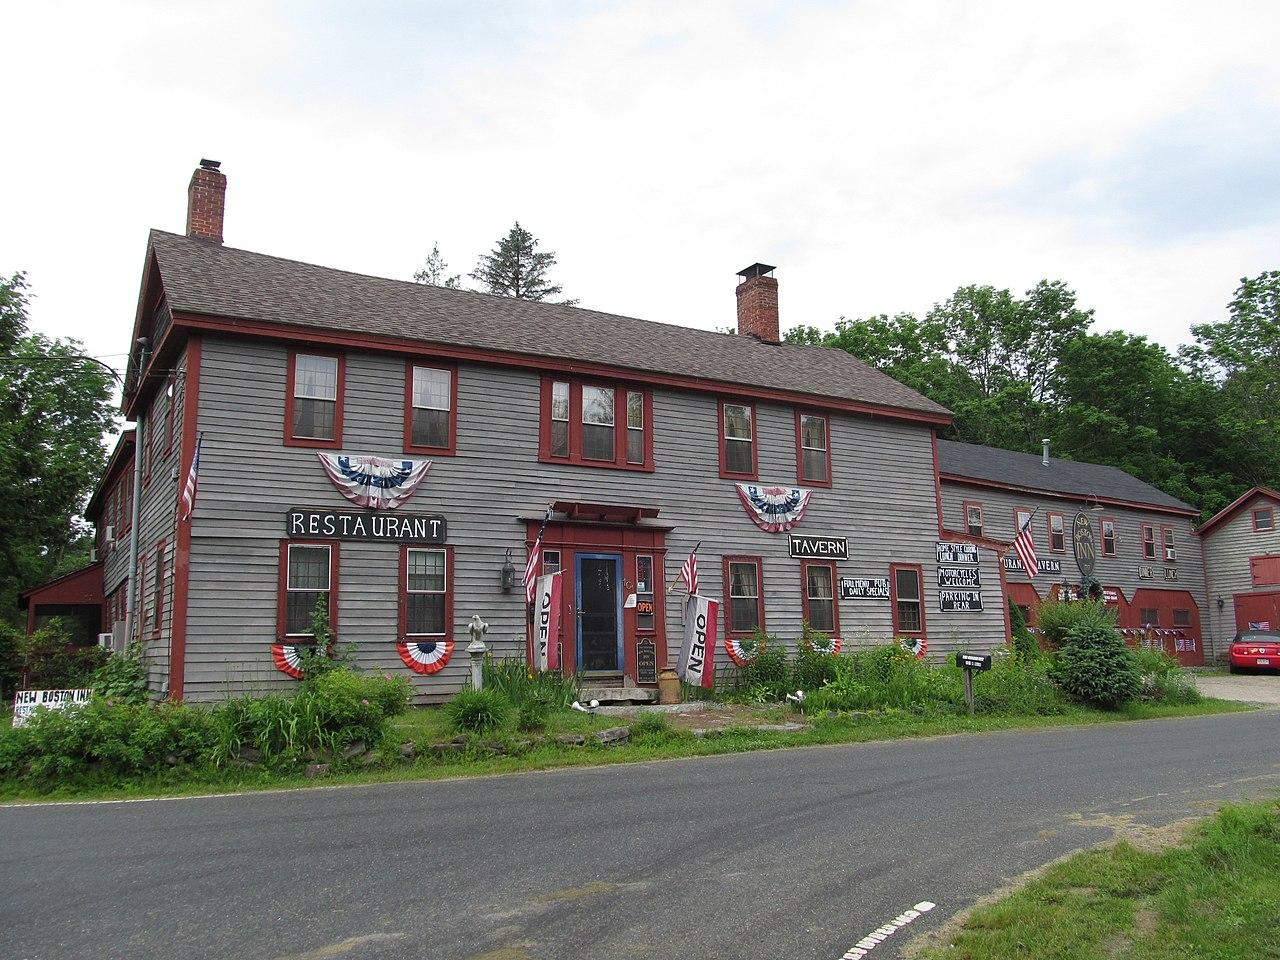 The Berskshire Inn Restaurant In Sparta Township Nj